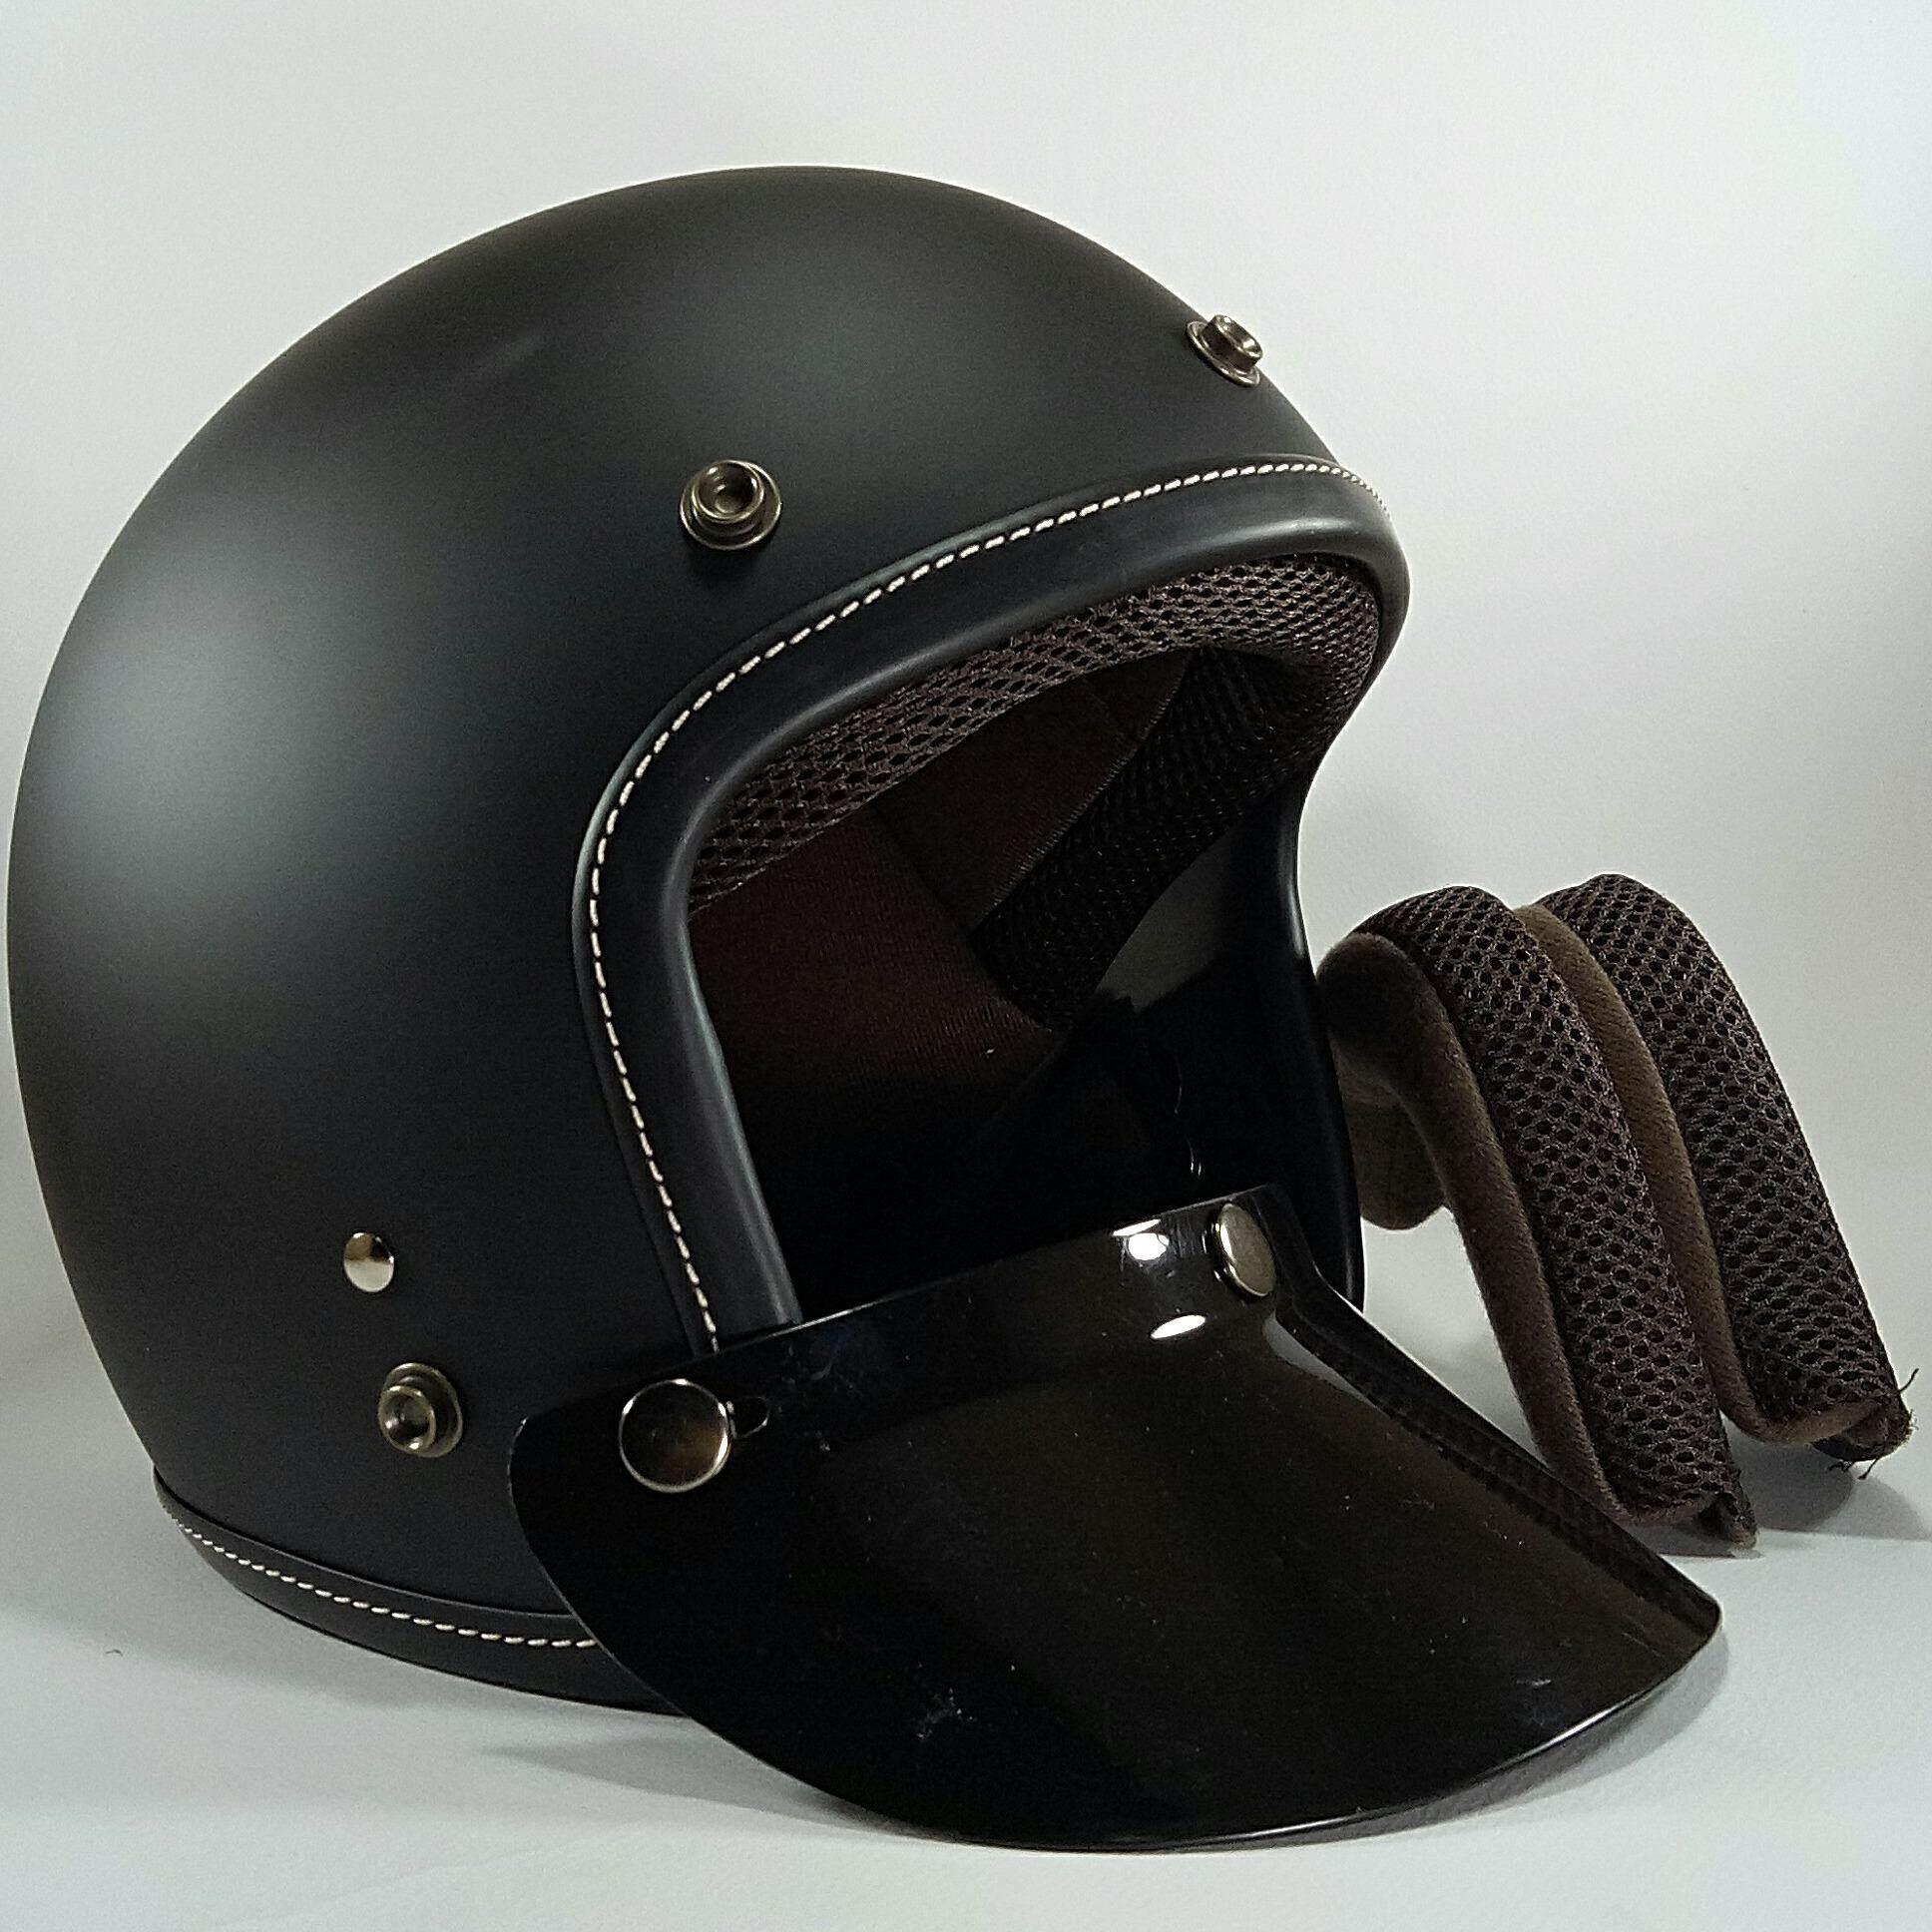 ซื้อ หมวกกันน็อคเต็มใบ คลาสลิกวินเทจ Mototwist รุ่น New King Of Road Moto Twist เป็นต้นฉบับ